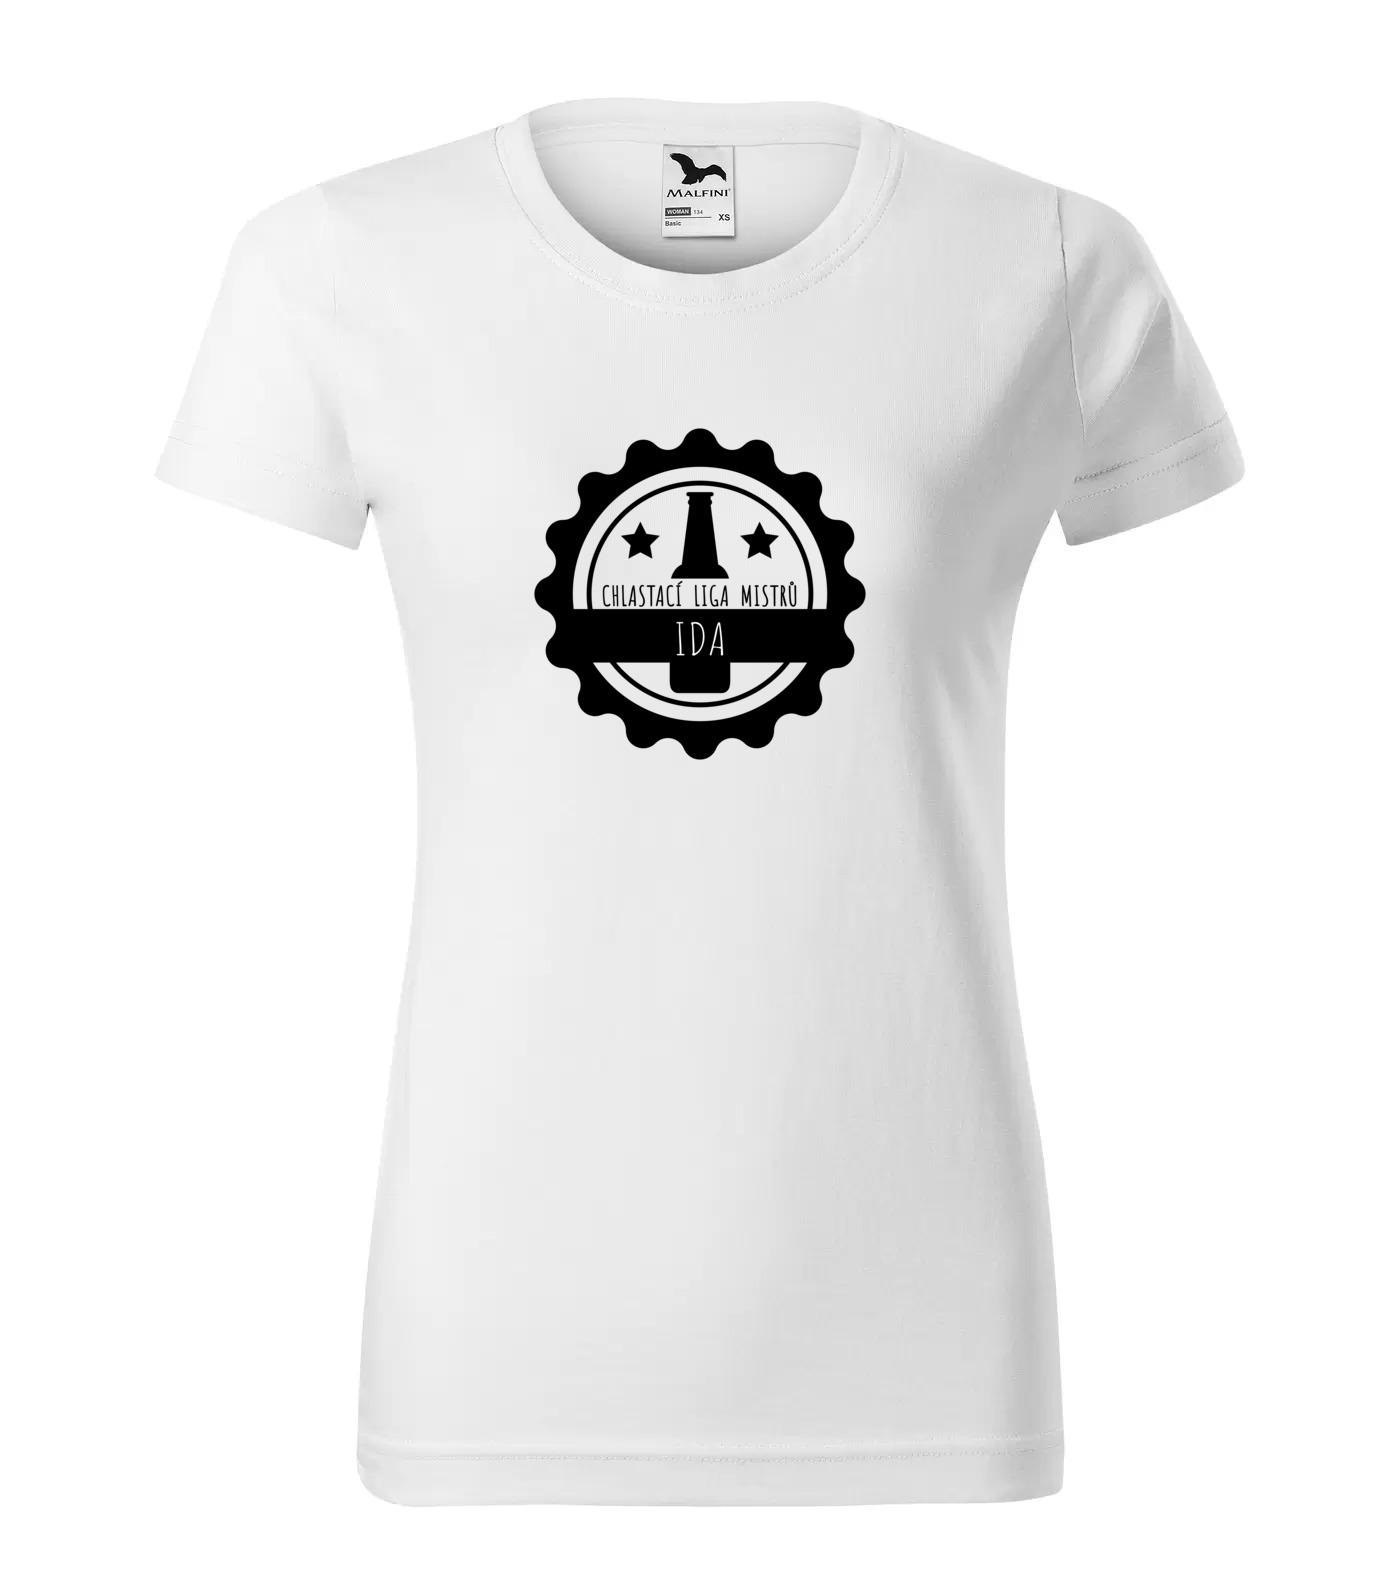 Tričko Chlastací liga žen Ida